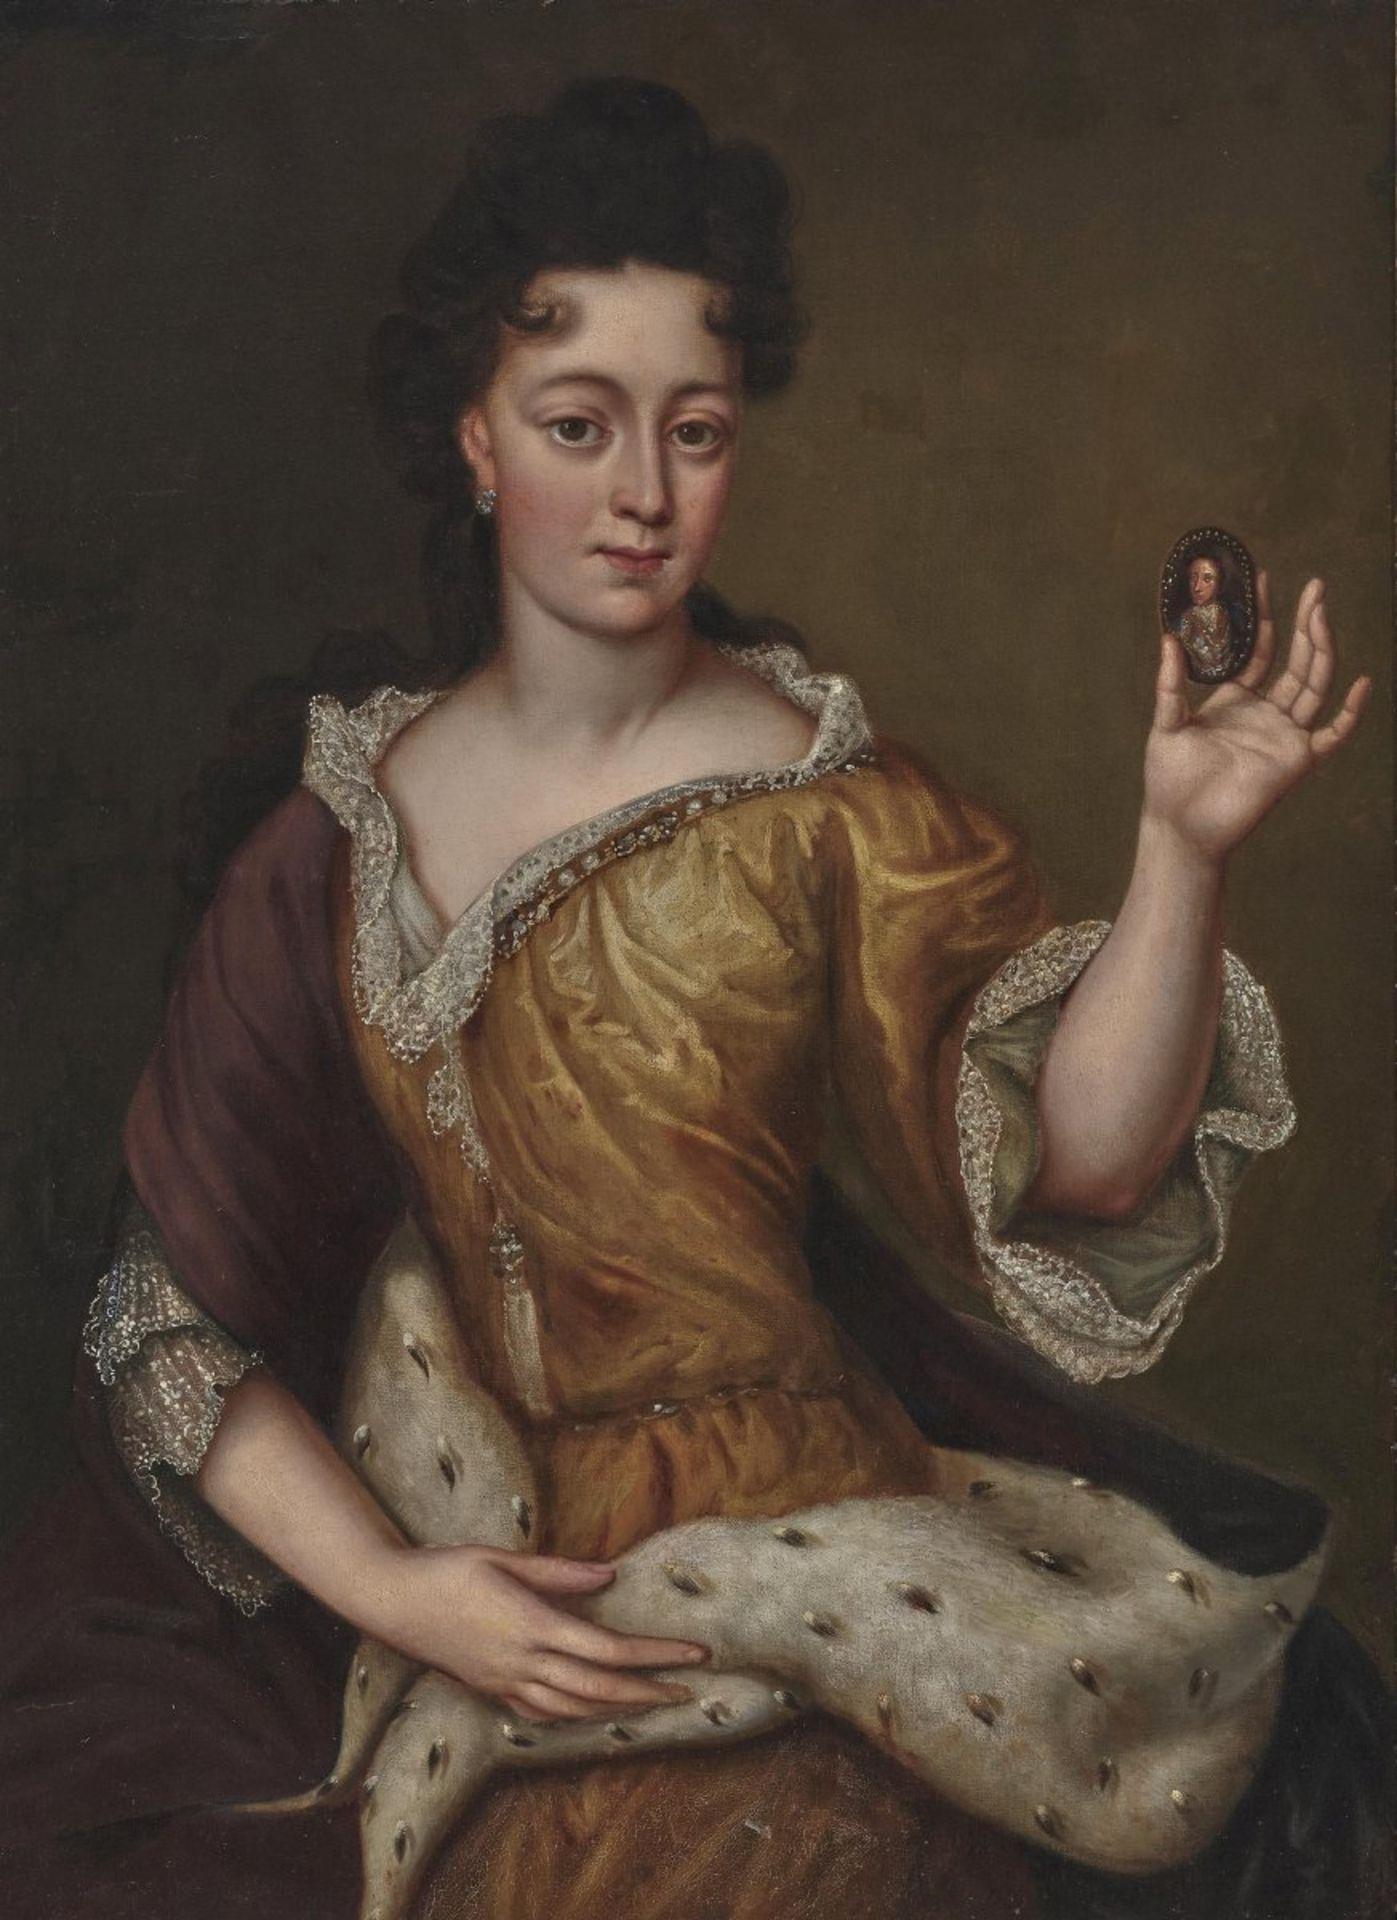 Frankreich (Martin Maingaud, 1692-1706 für Kurfürst Max Emanuel in Brüssel und München täti